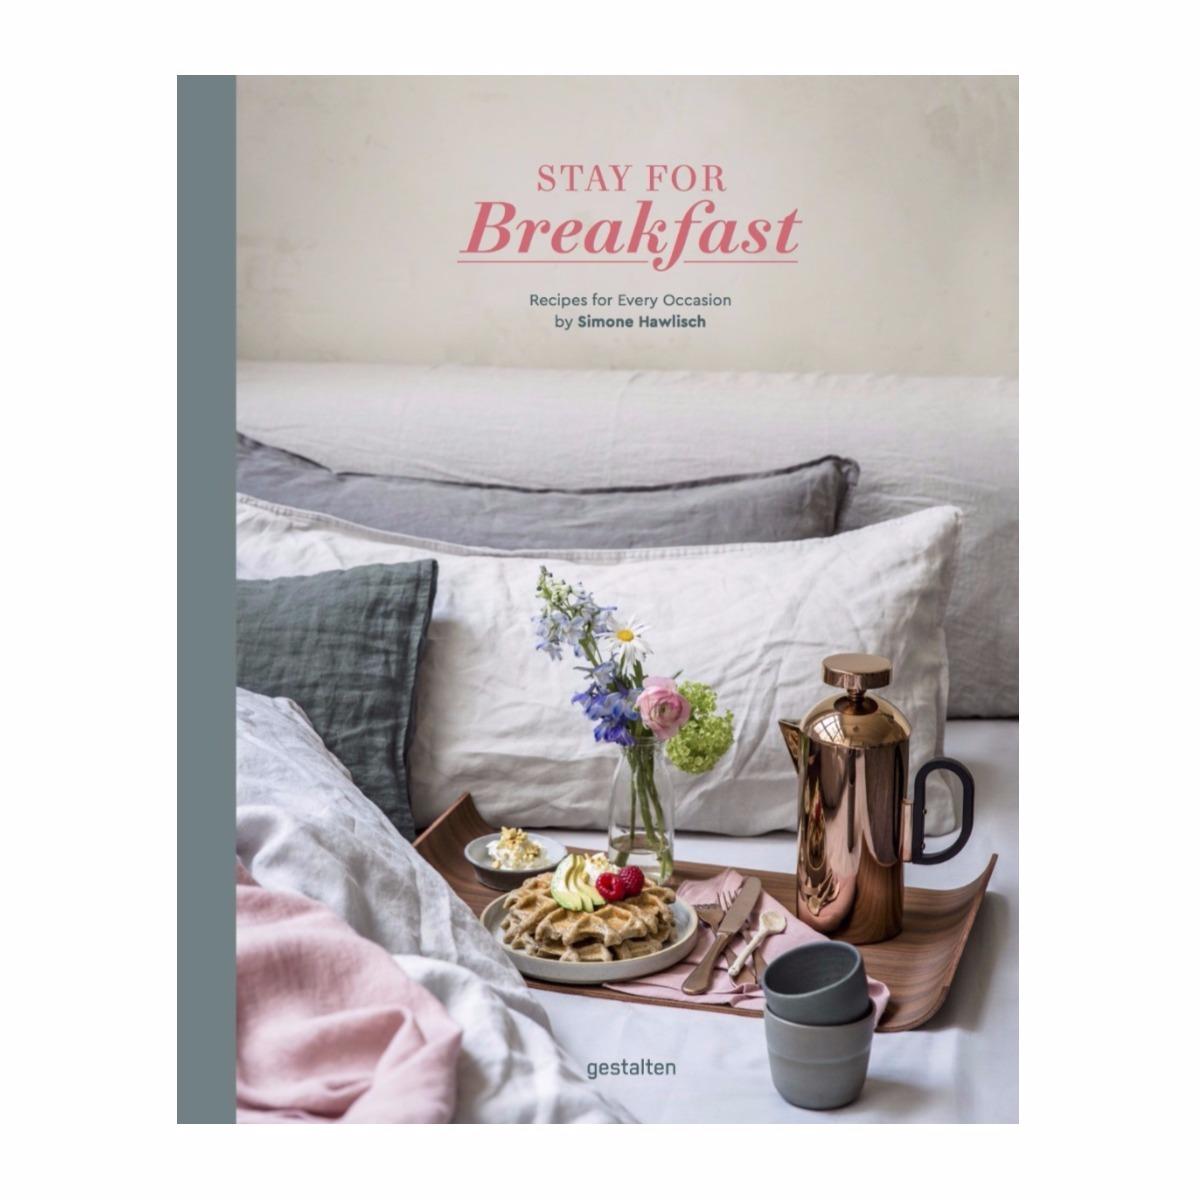 Kochbuch Stay for Breakfast von Simone Hawlisch (1)